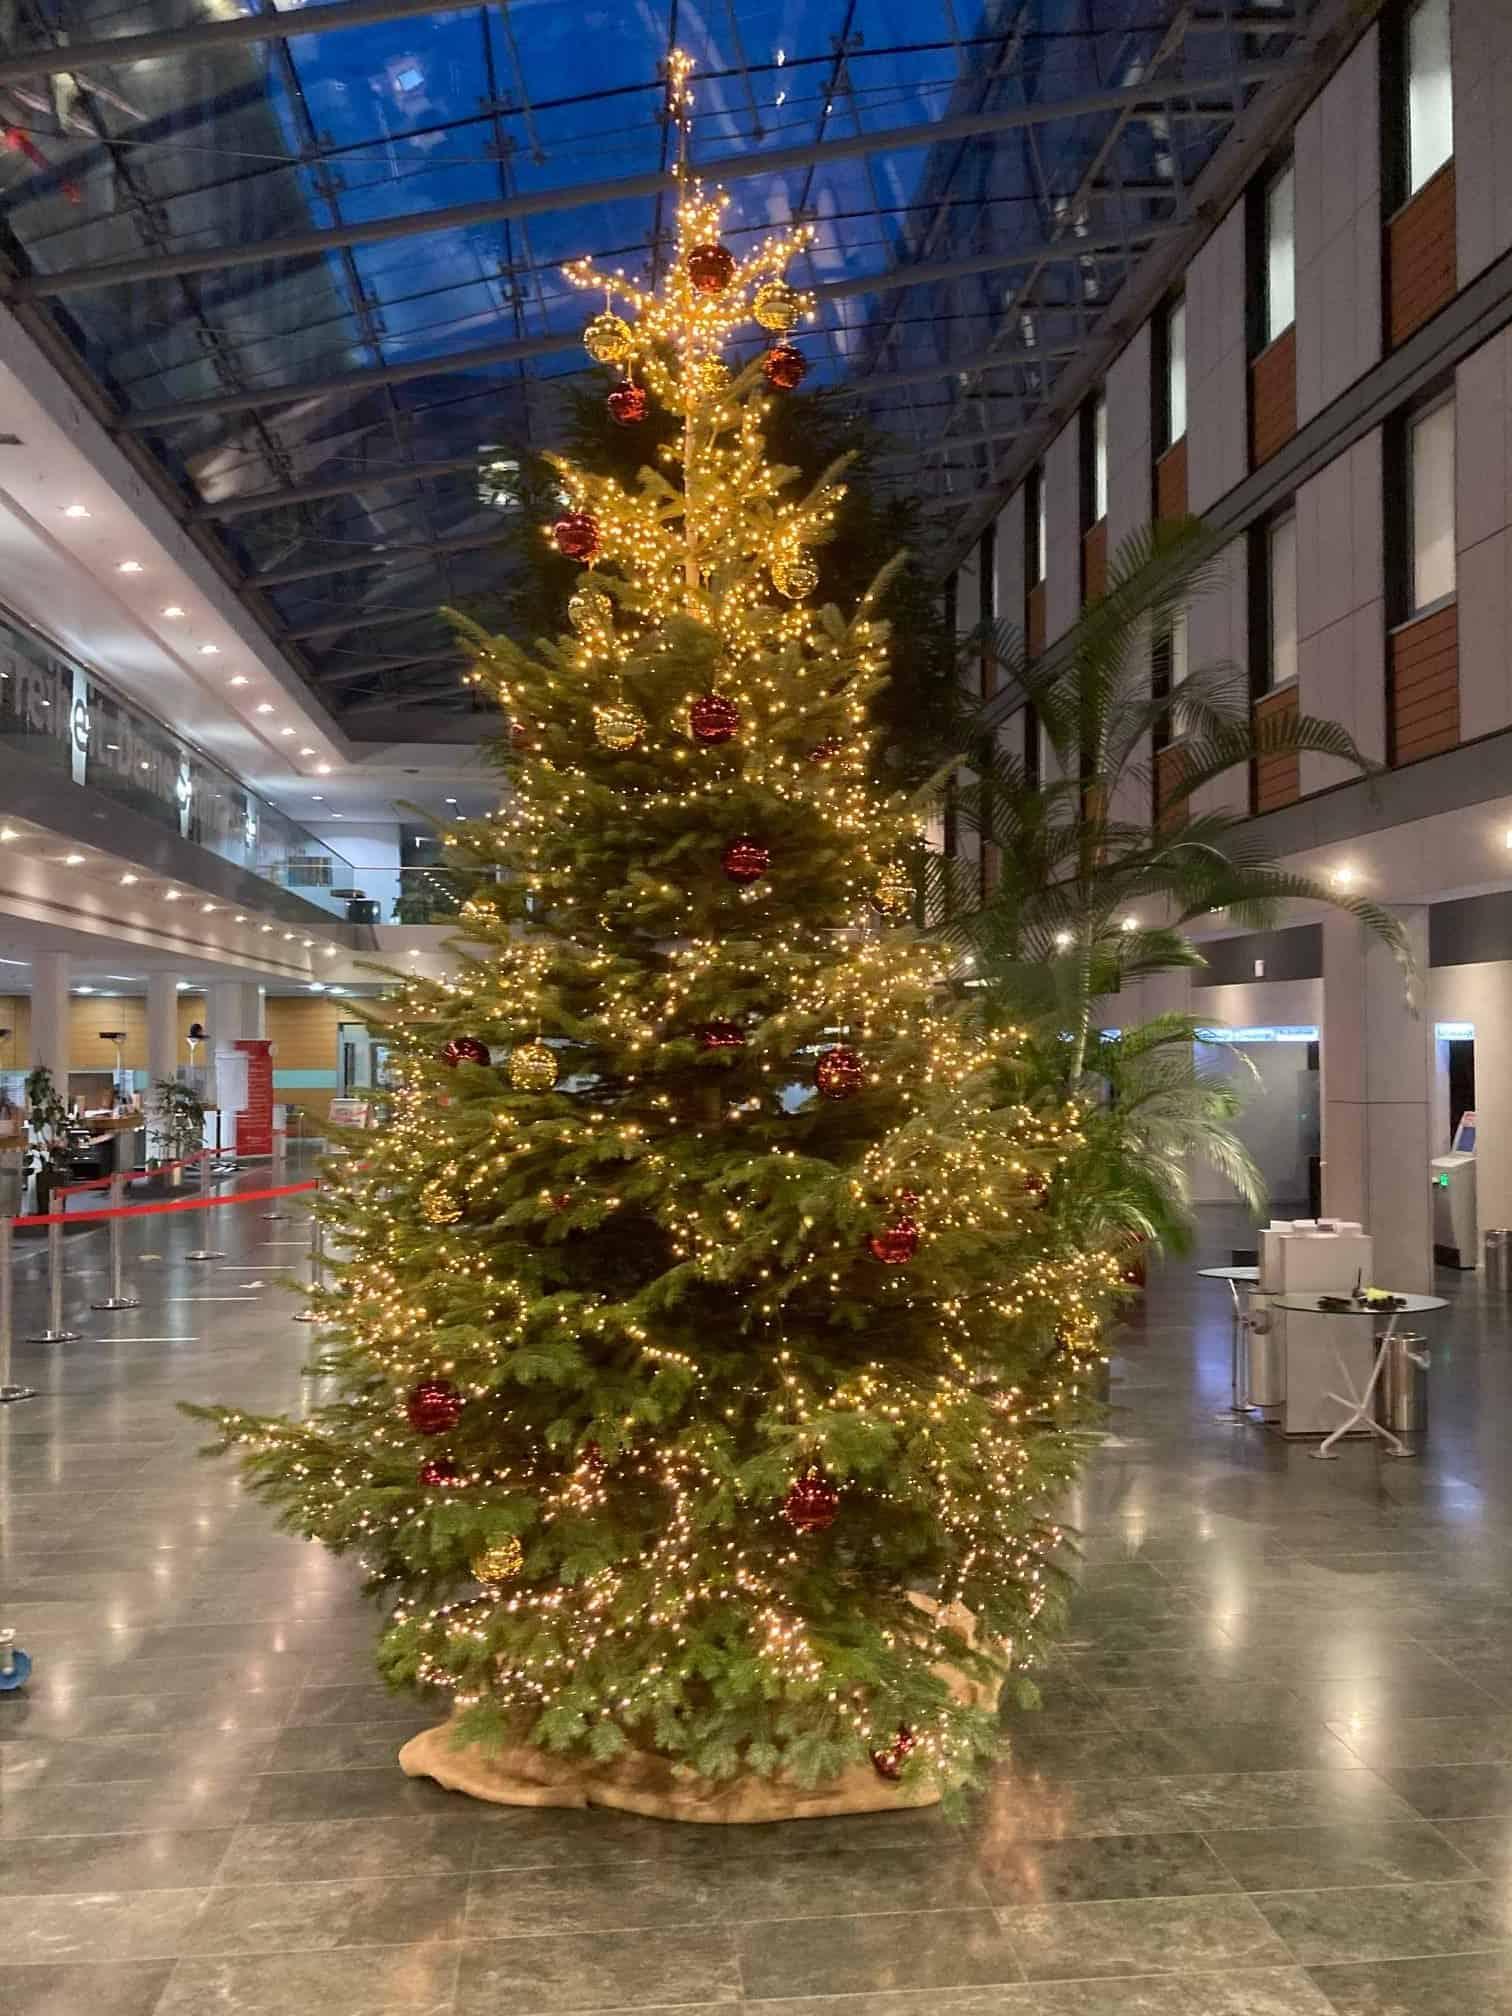 farbenkrauth stellt Weihnachtsbaum in Sparkasse am Luisenplatz in Darmstadt